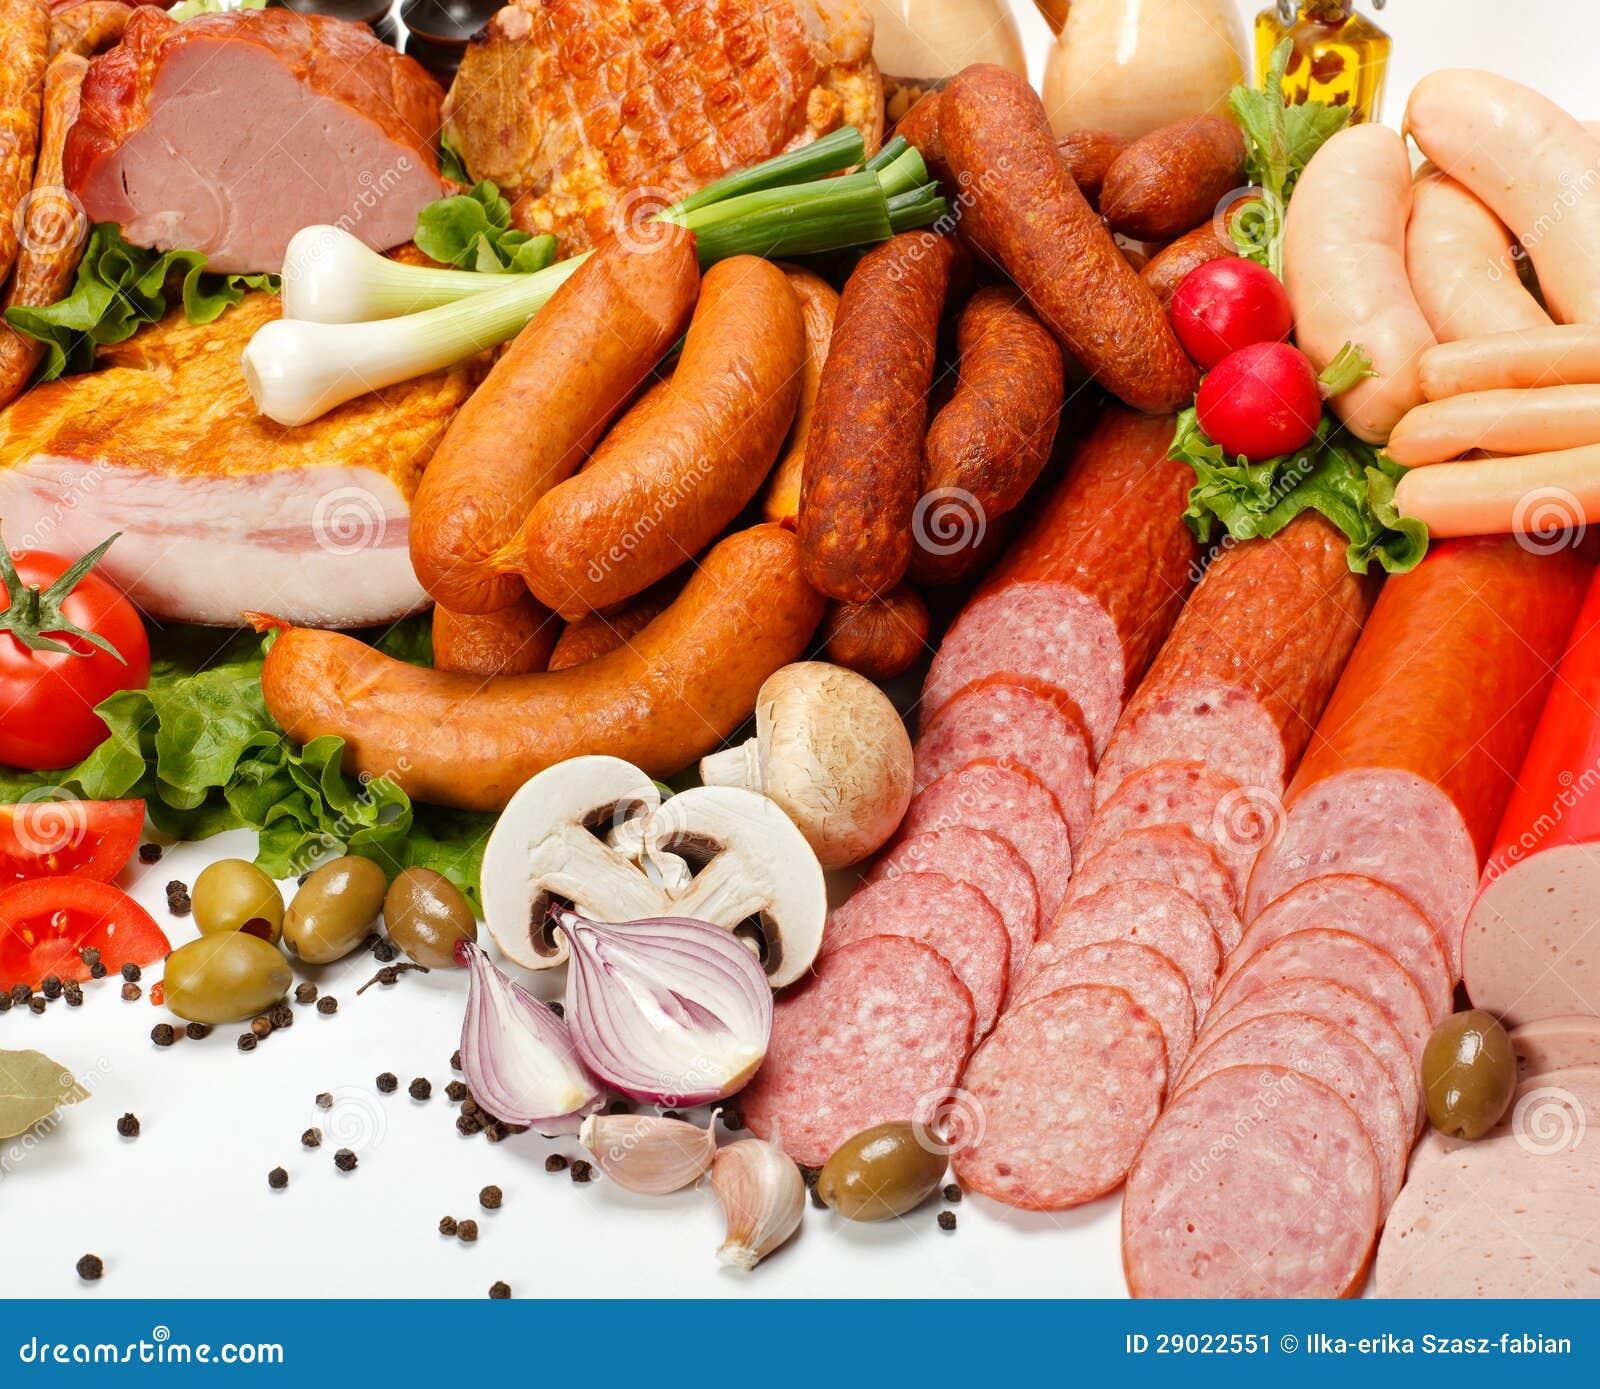 De producten van de slager